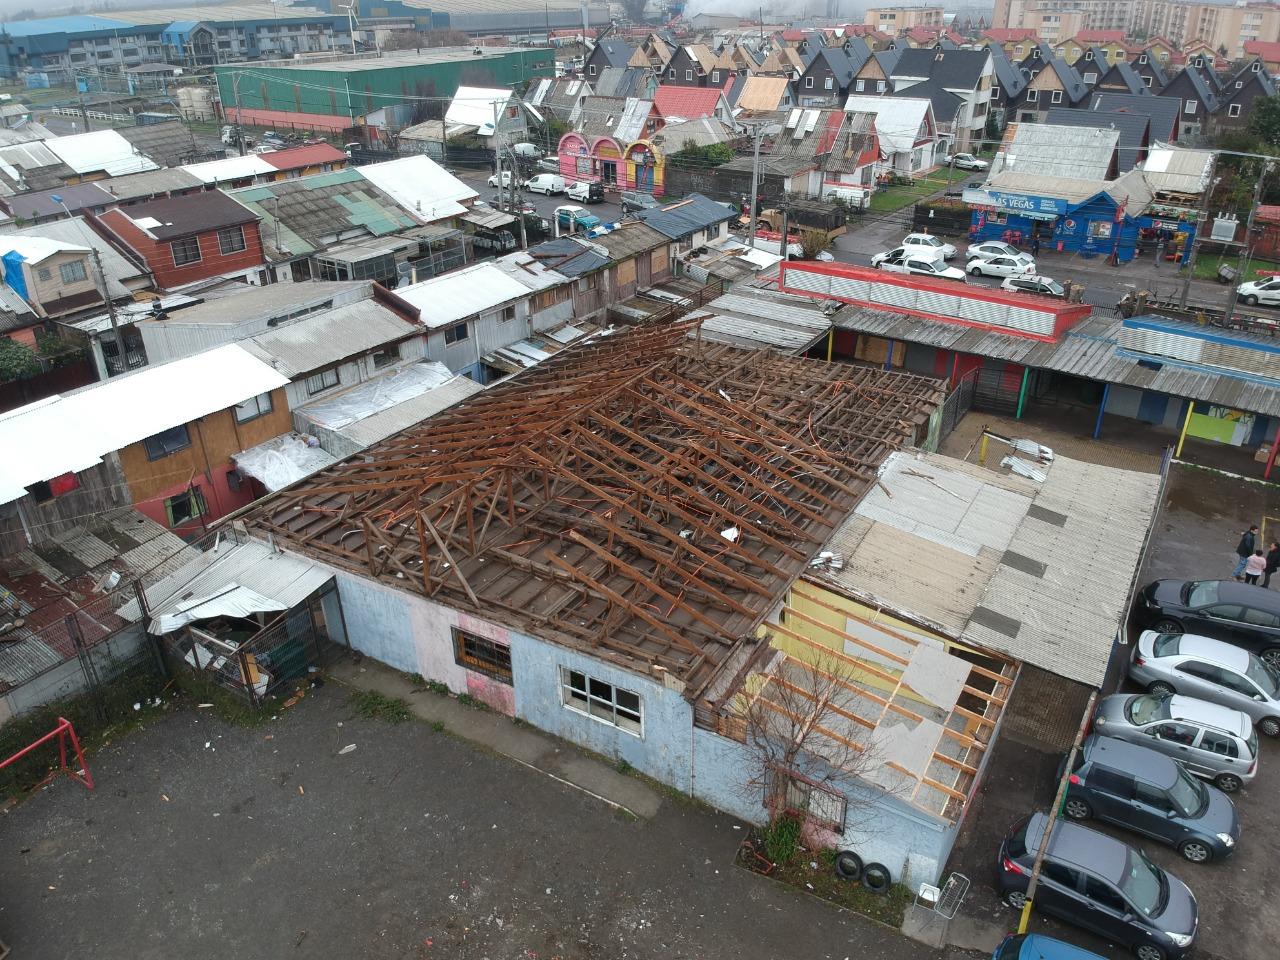 180 Alumnos de la Escuela Huertos Familiares serán reubicados en Villa Independencia: El establecimiento será reconstruido tras el paso del tornado